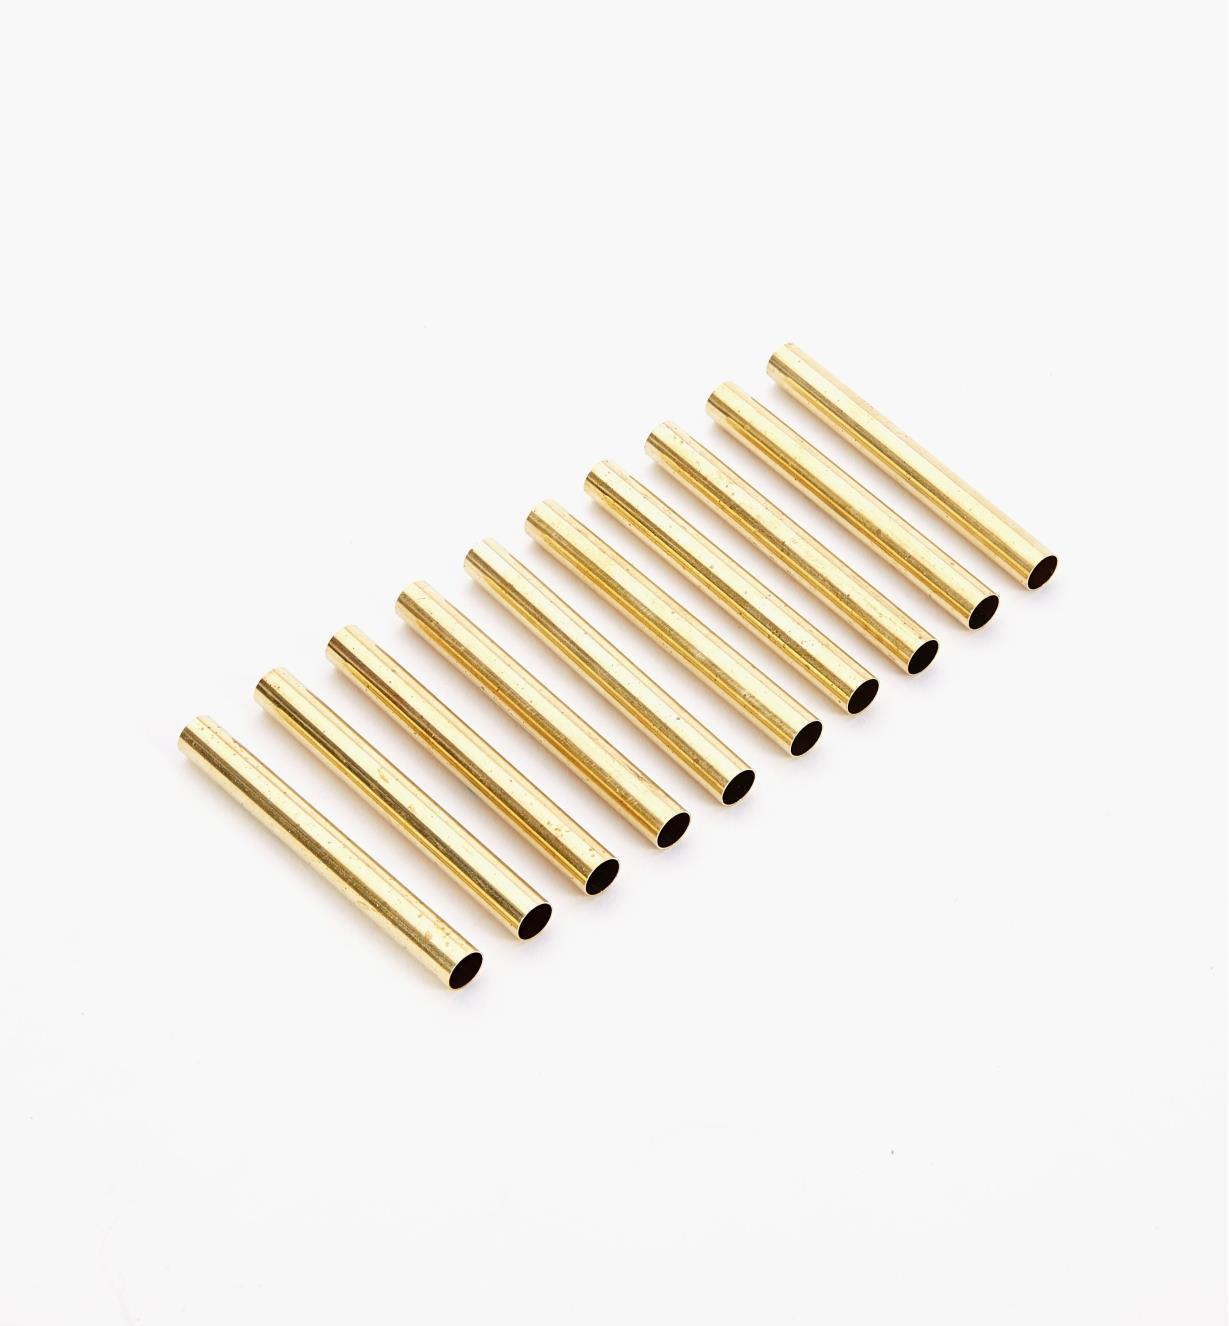 88K8368 - Tubes de remplacement pour 10 stylos à bille Surfix Duo